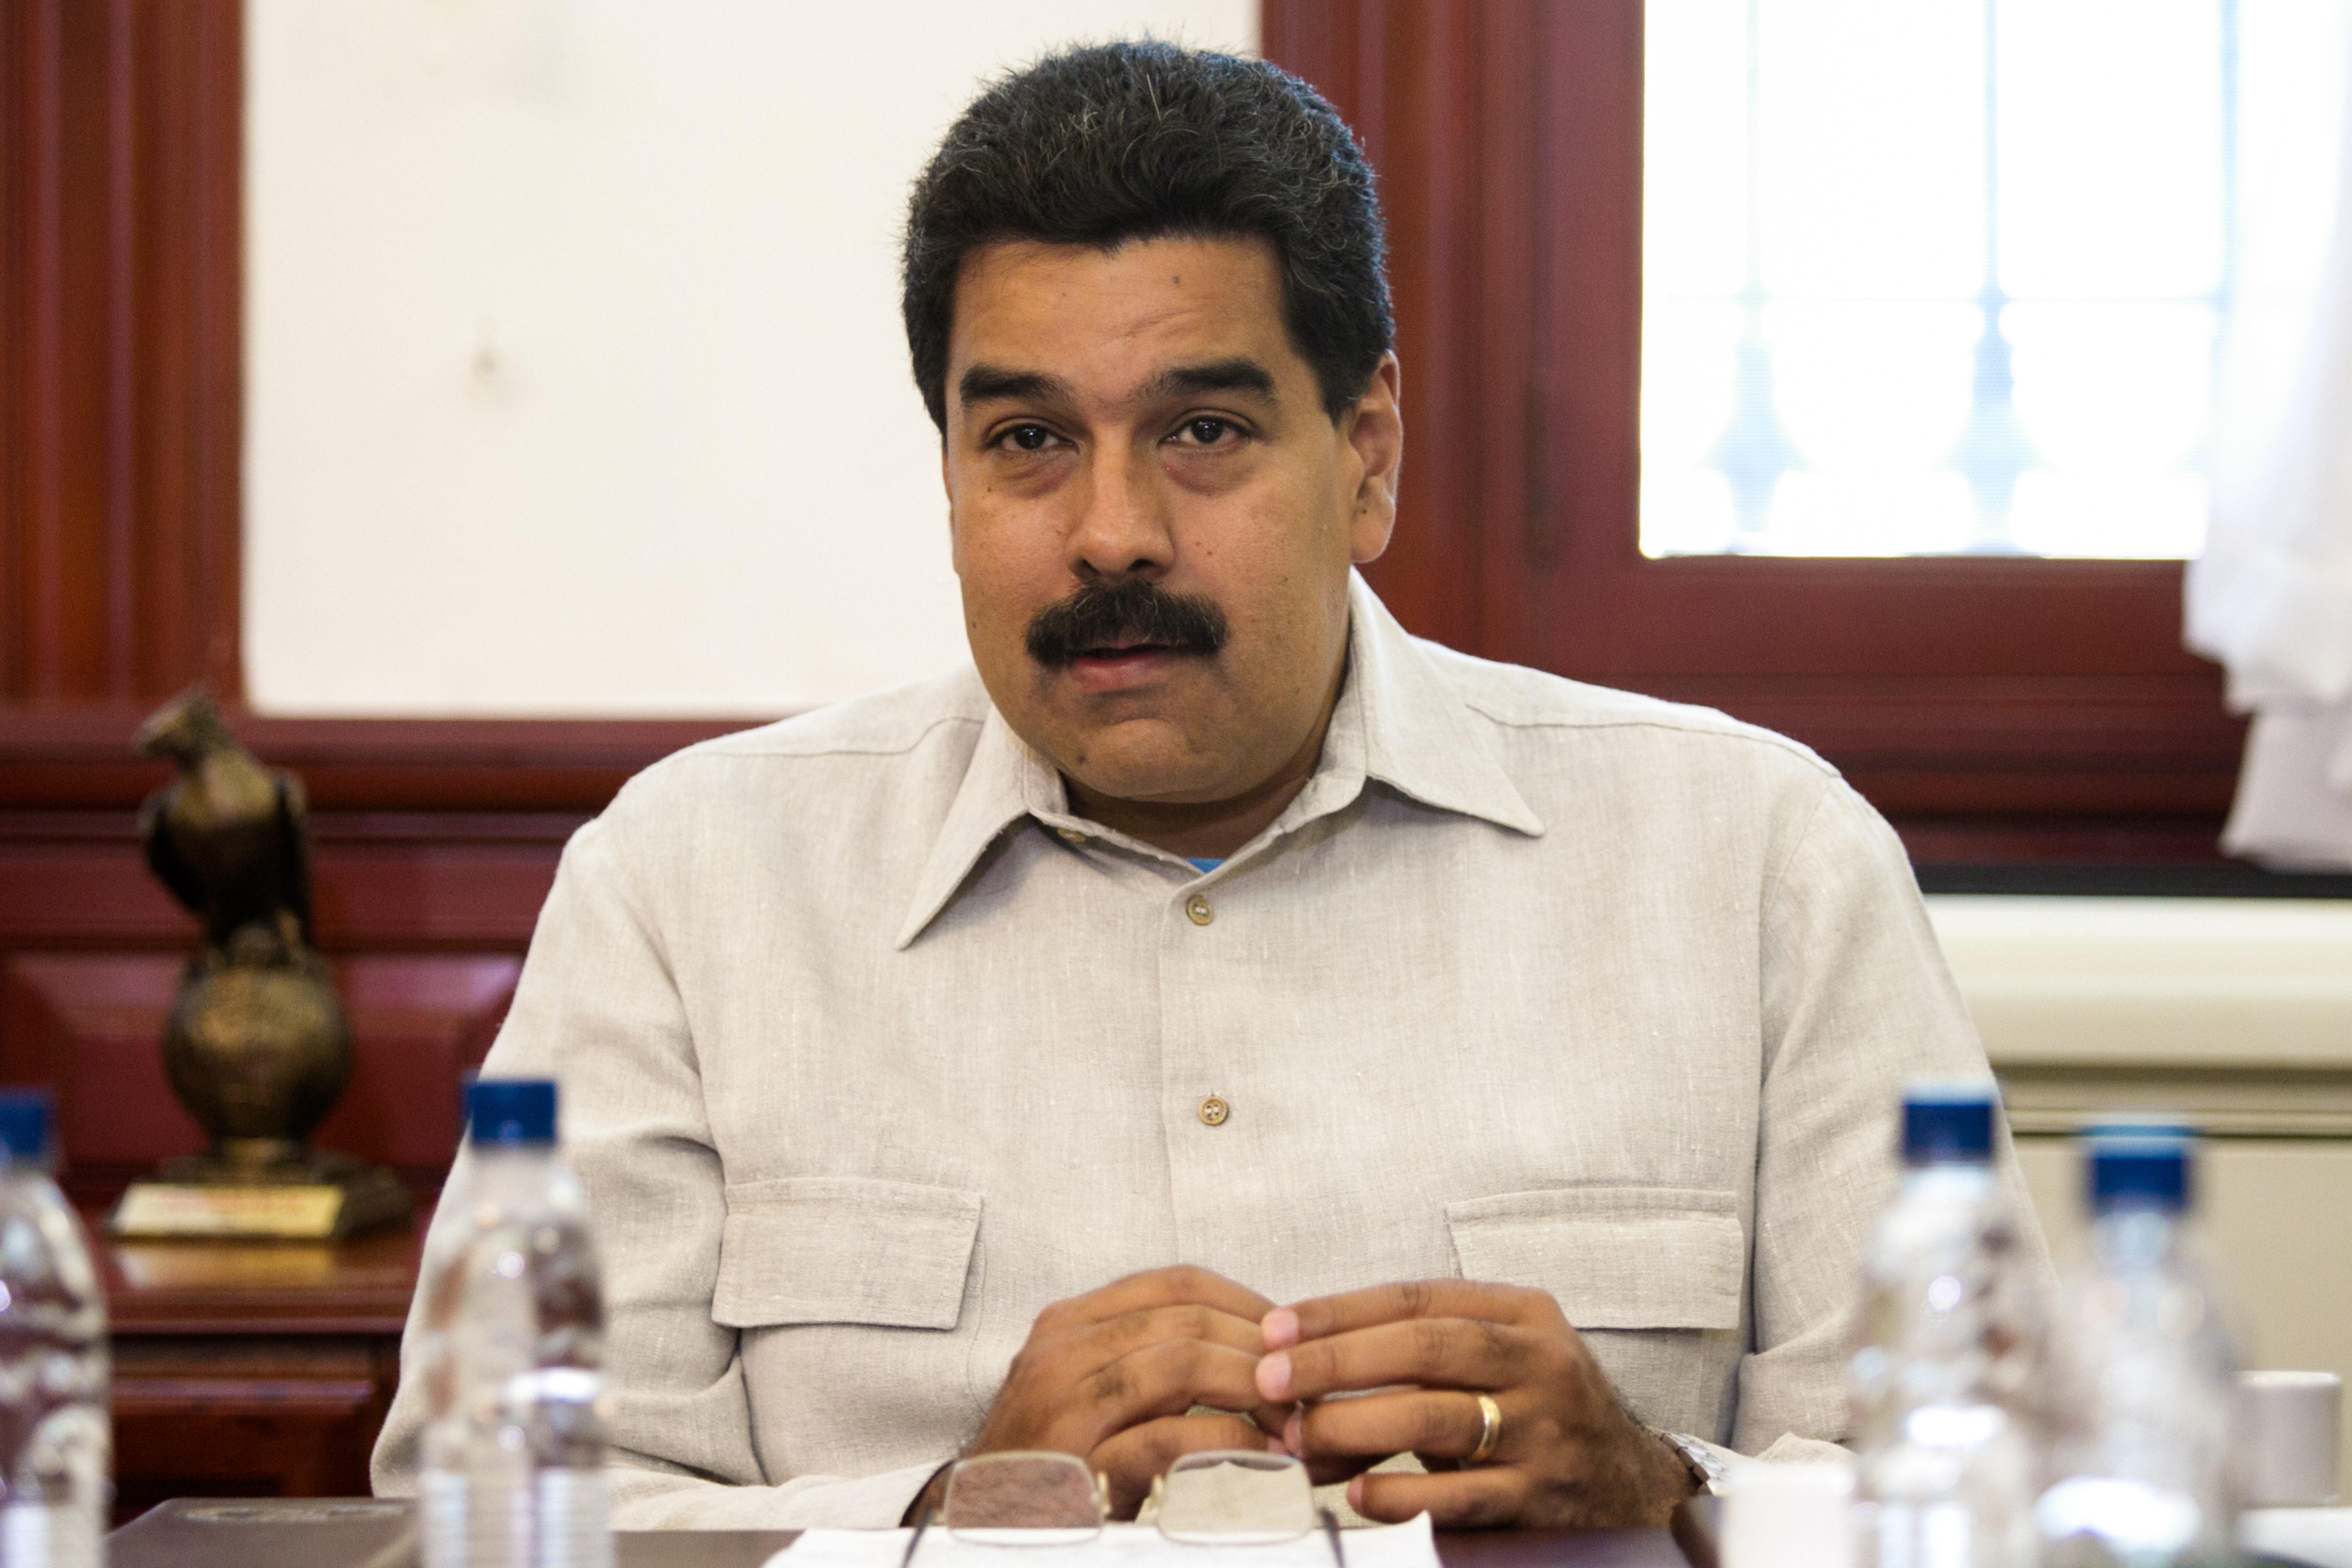 Presentan la partida de nacimiento de Maduro para terminar con los rumores